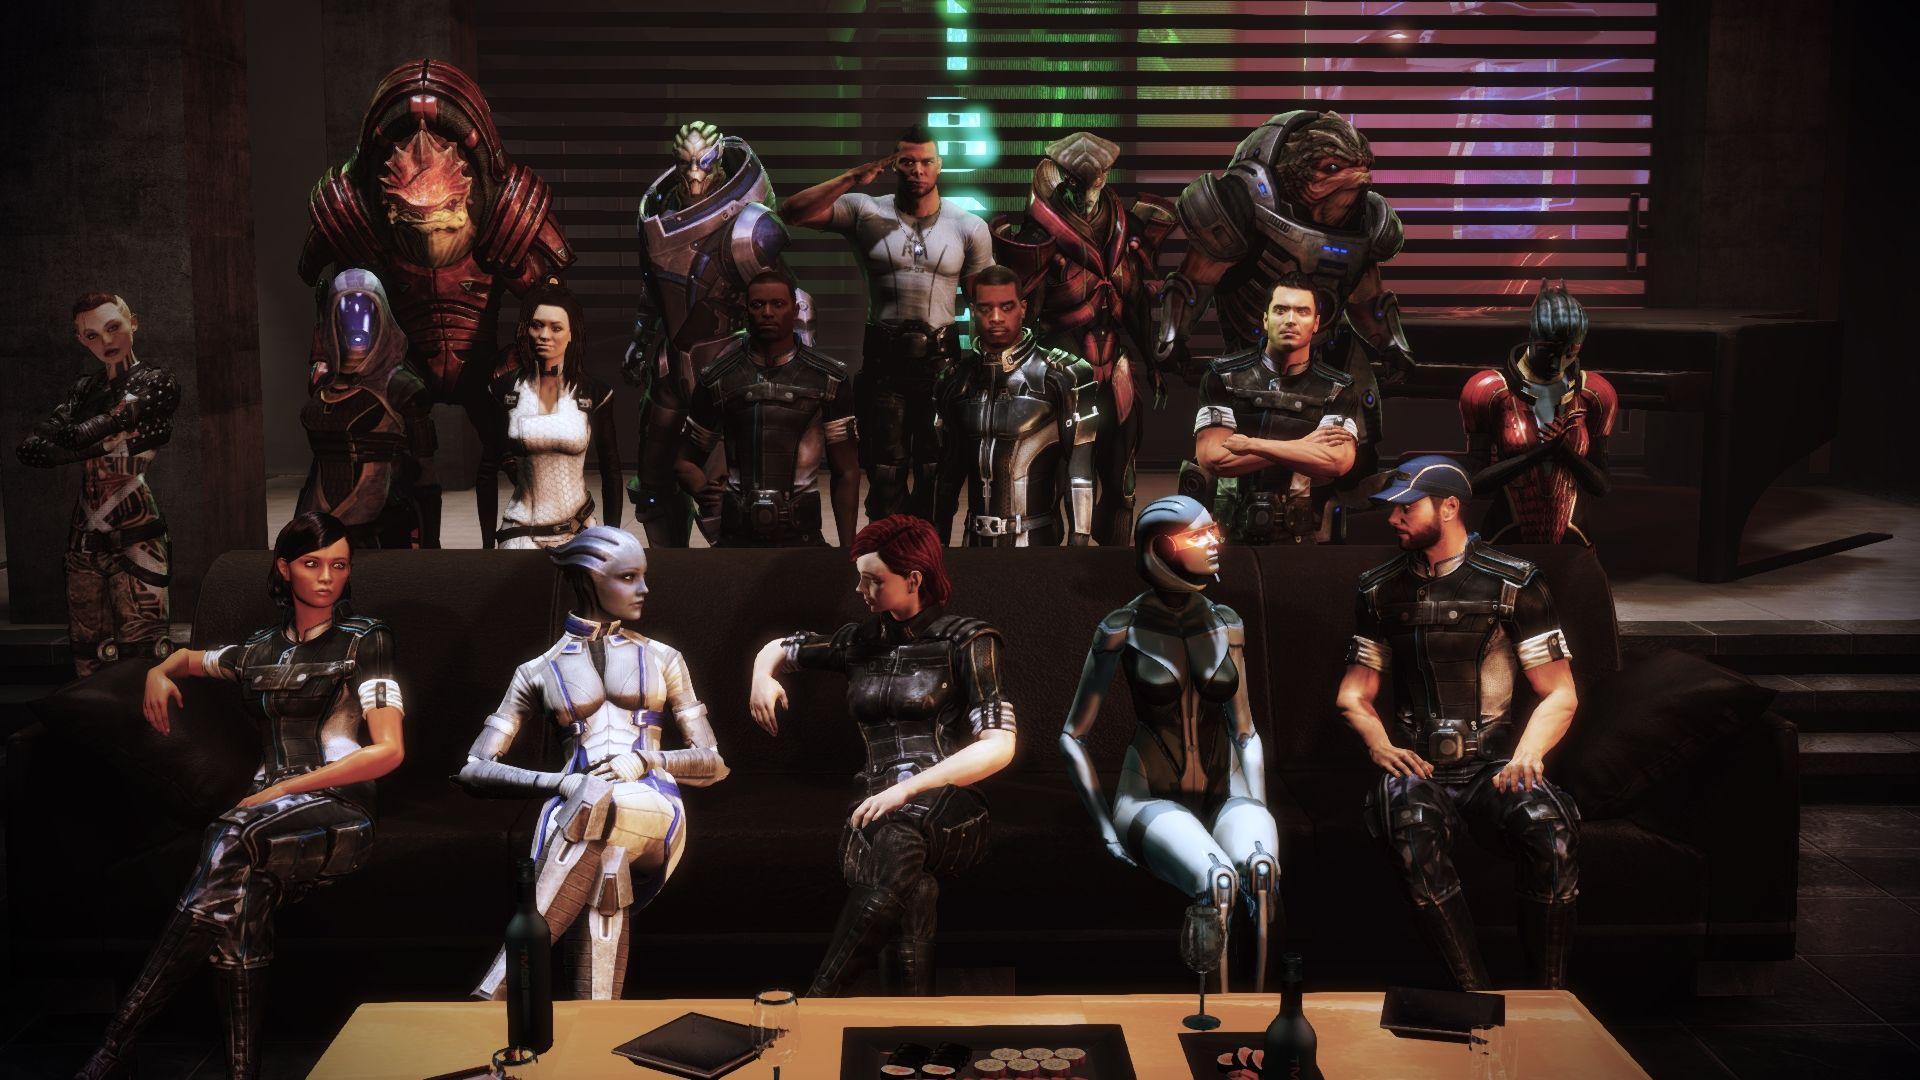 MassEffect3_2017_07_21_02_05_02_194.jpg - Mass Effect 3